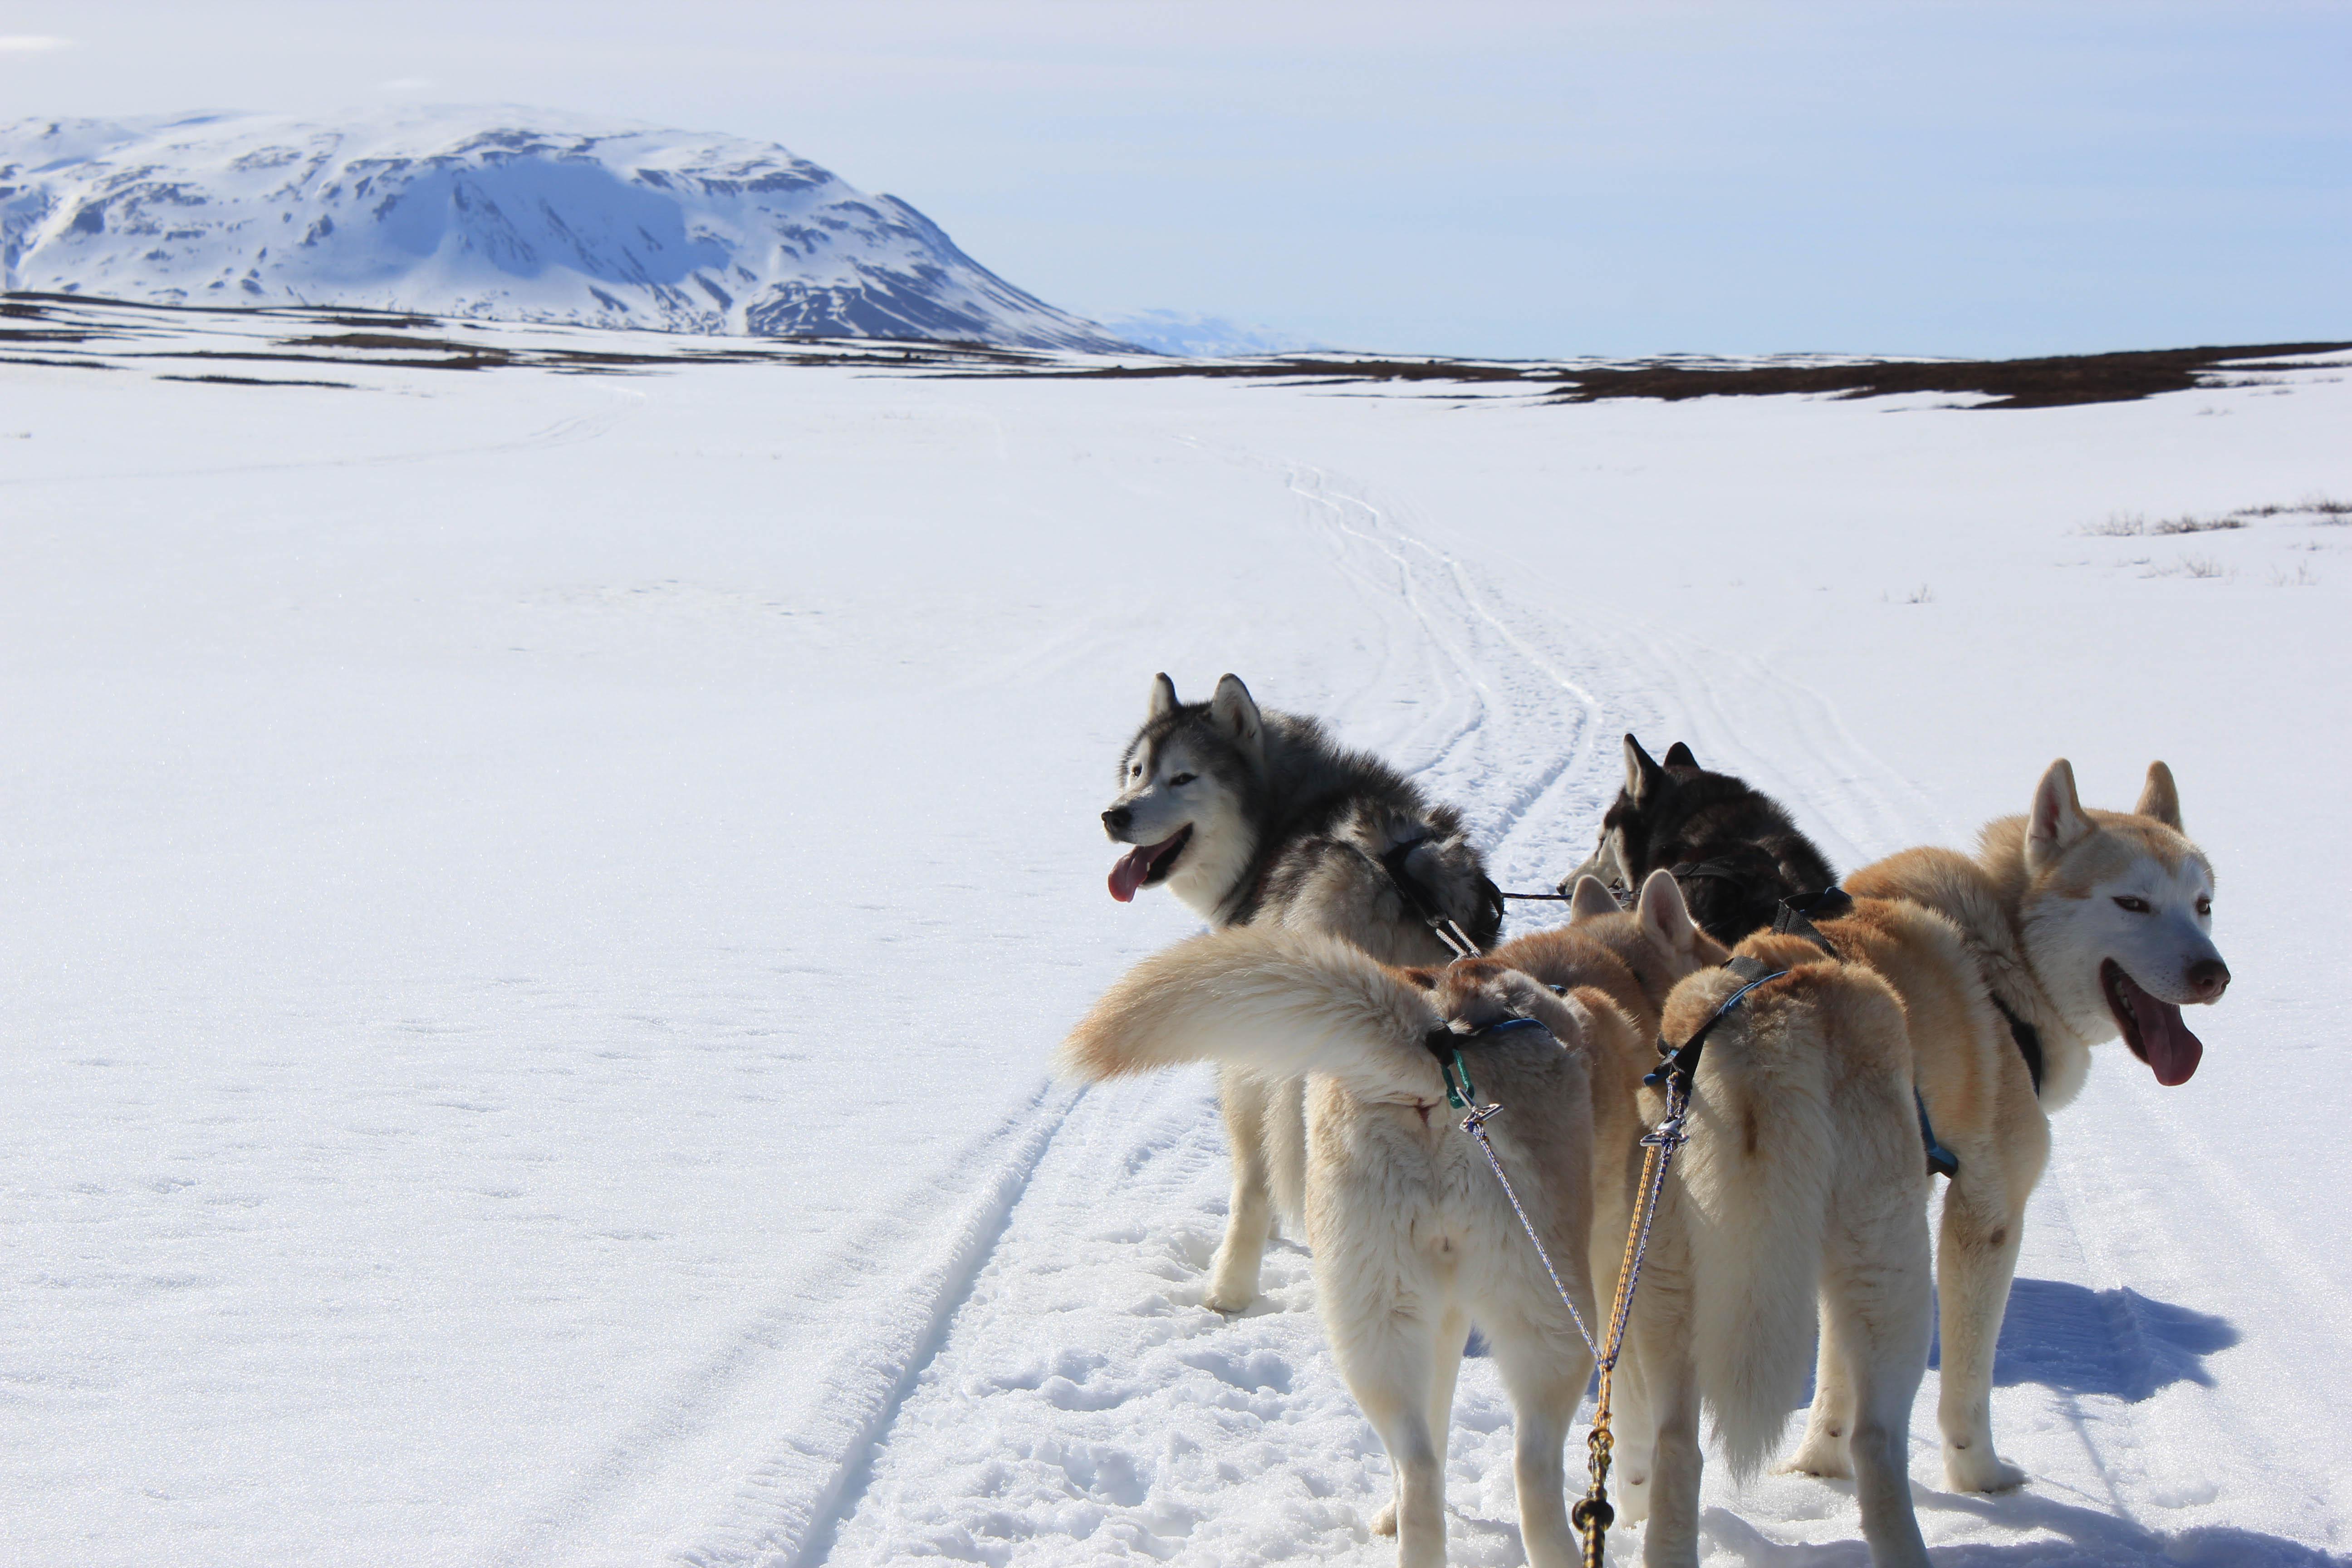 L'excursion de chien de traîneau est idéale pour les amoureux des animaux, ceux qui veulent un peu d'aventure et voir de beaux paysages en Islande